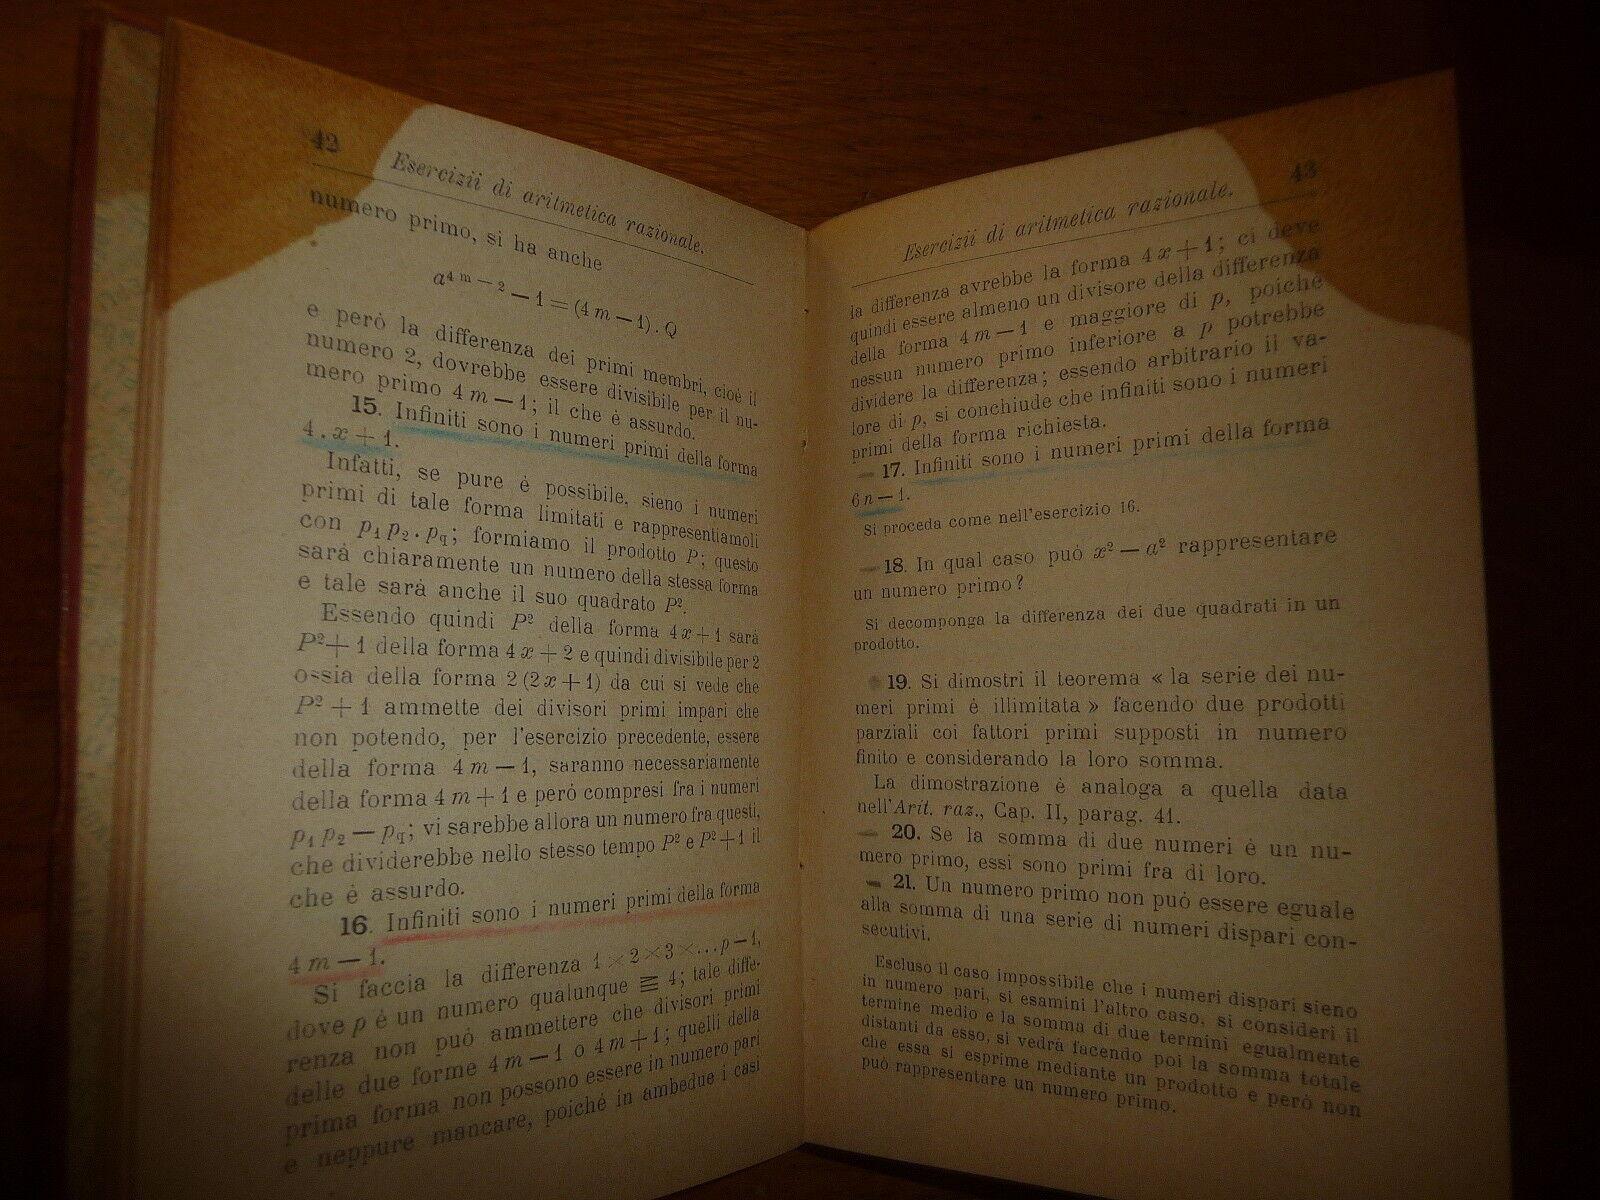 ESERCIZI DI ARITMETICA RAZIONALE F. PANIZZA HOEPLI 1898 I^ Ed.